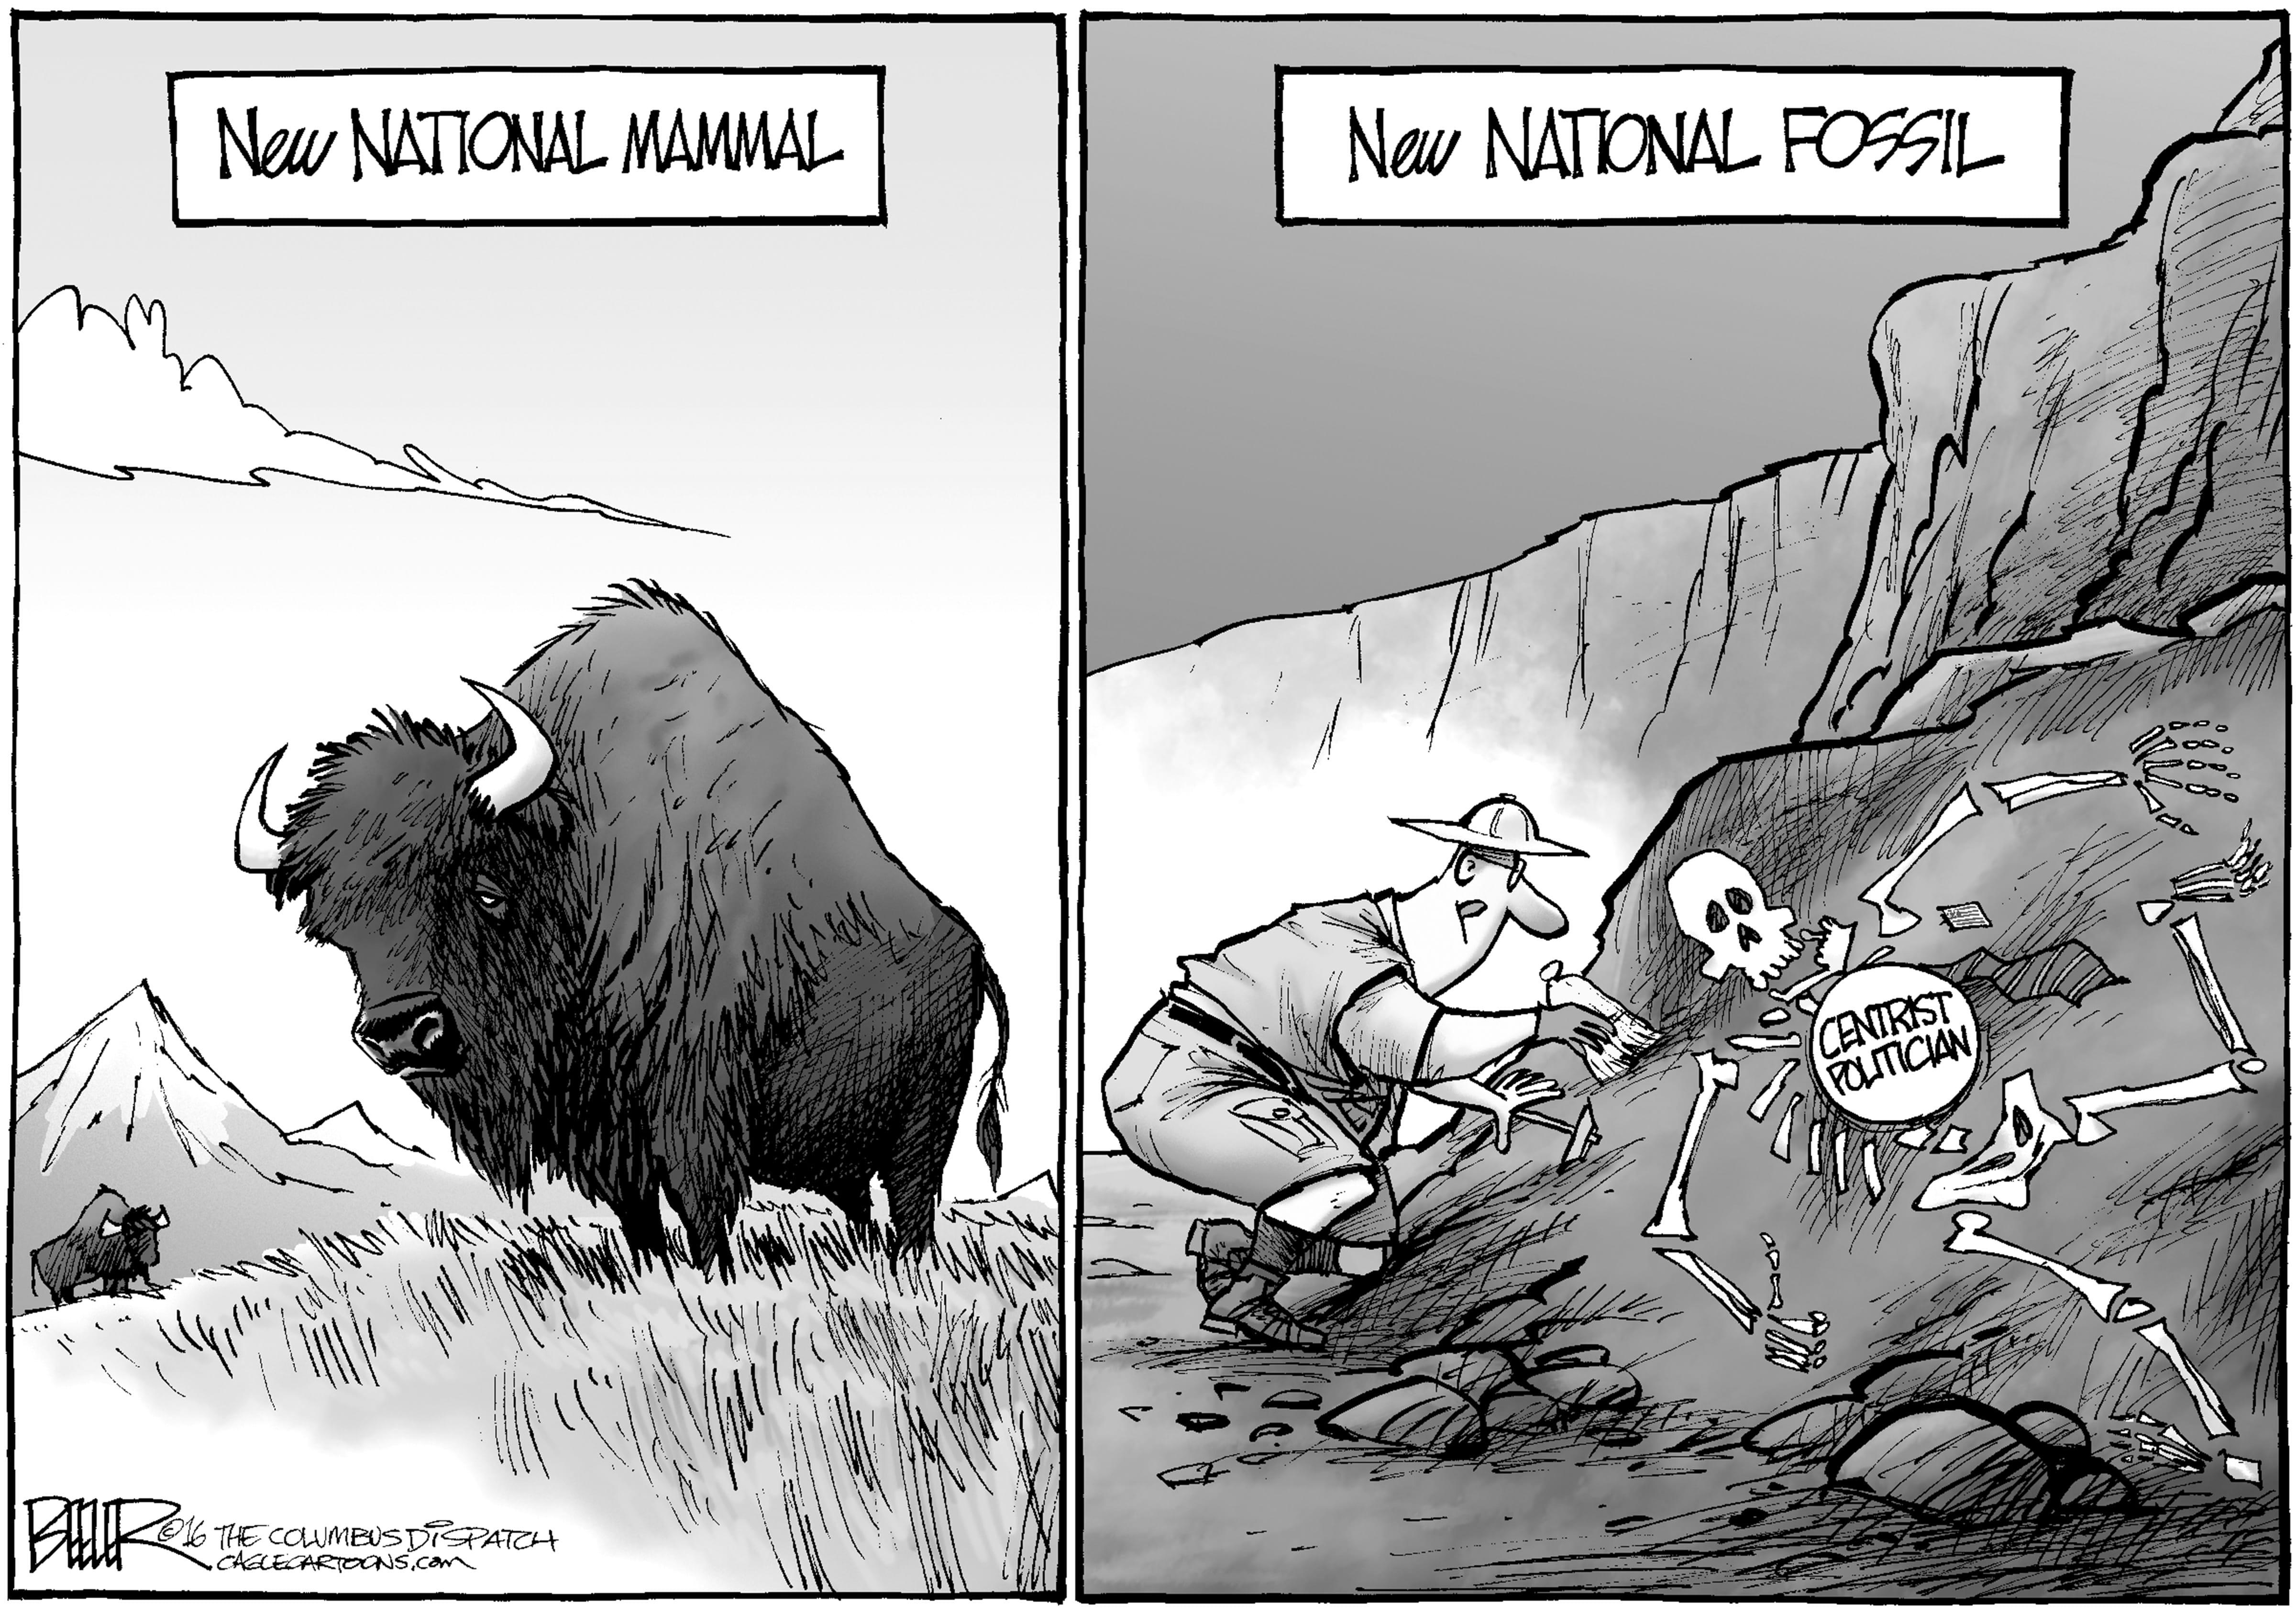 May 7: National Mammal